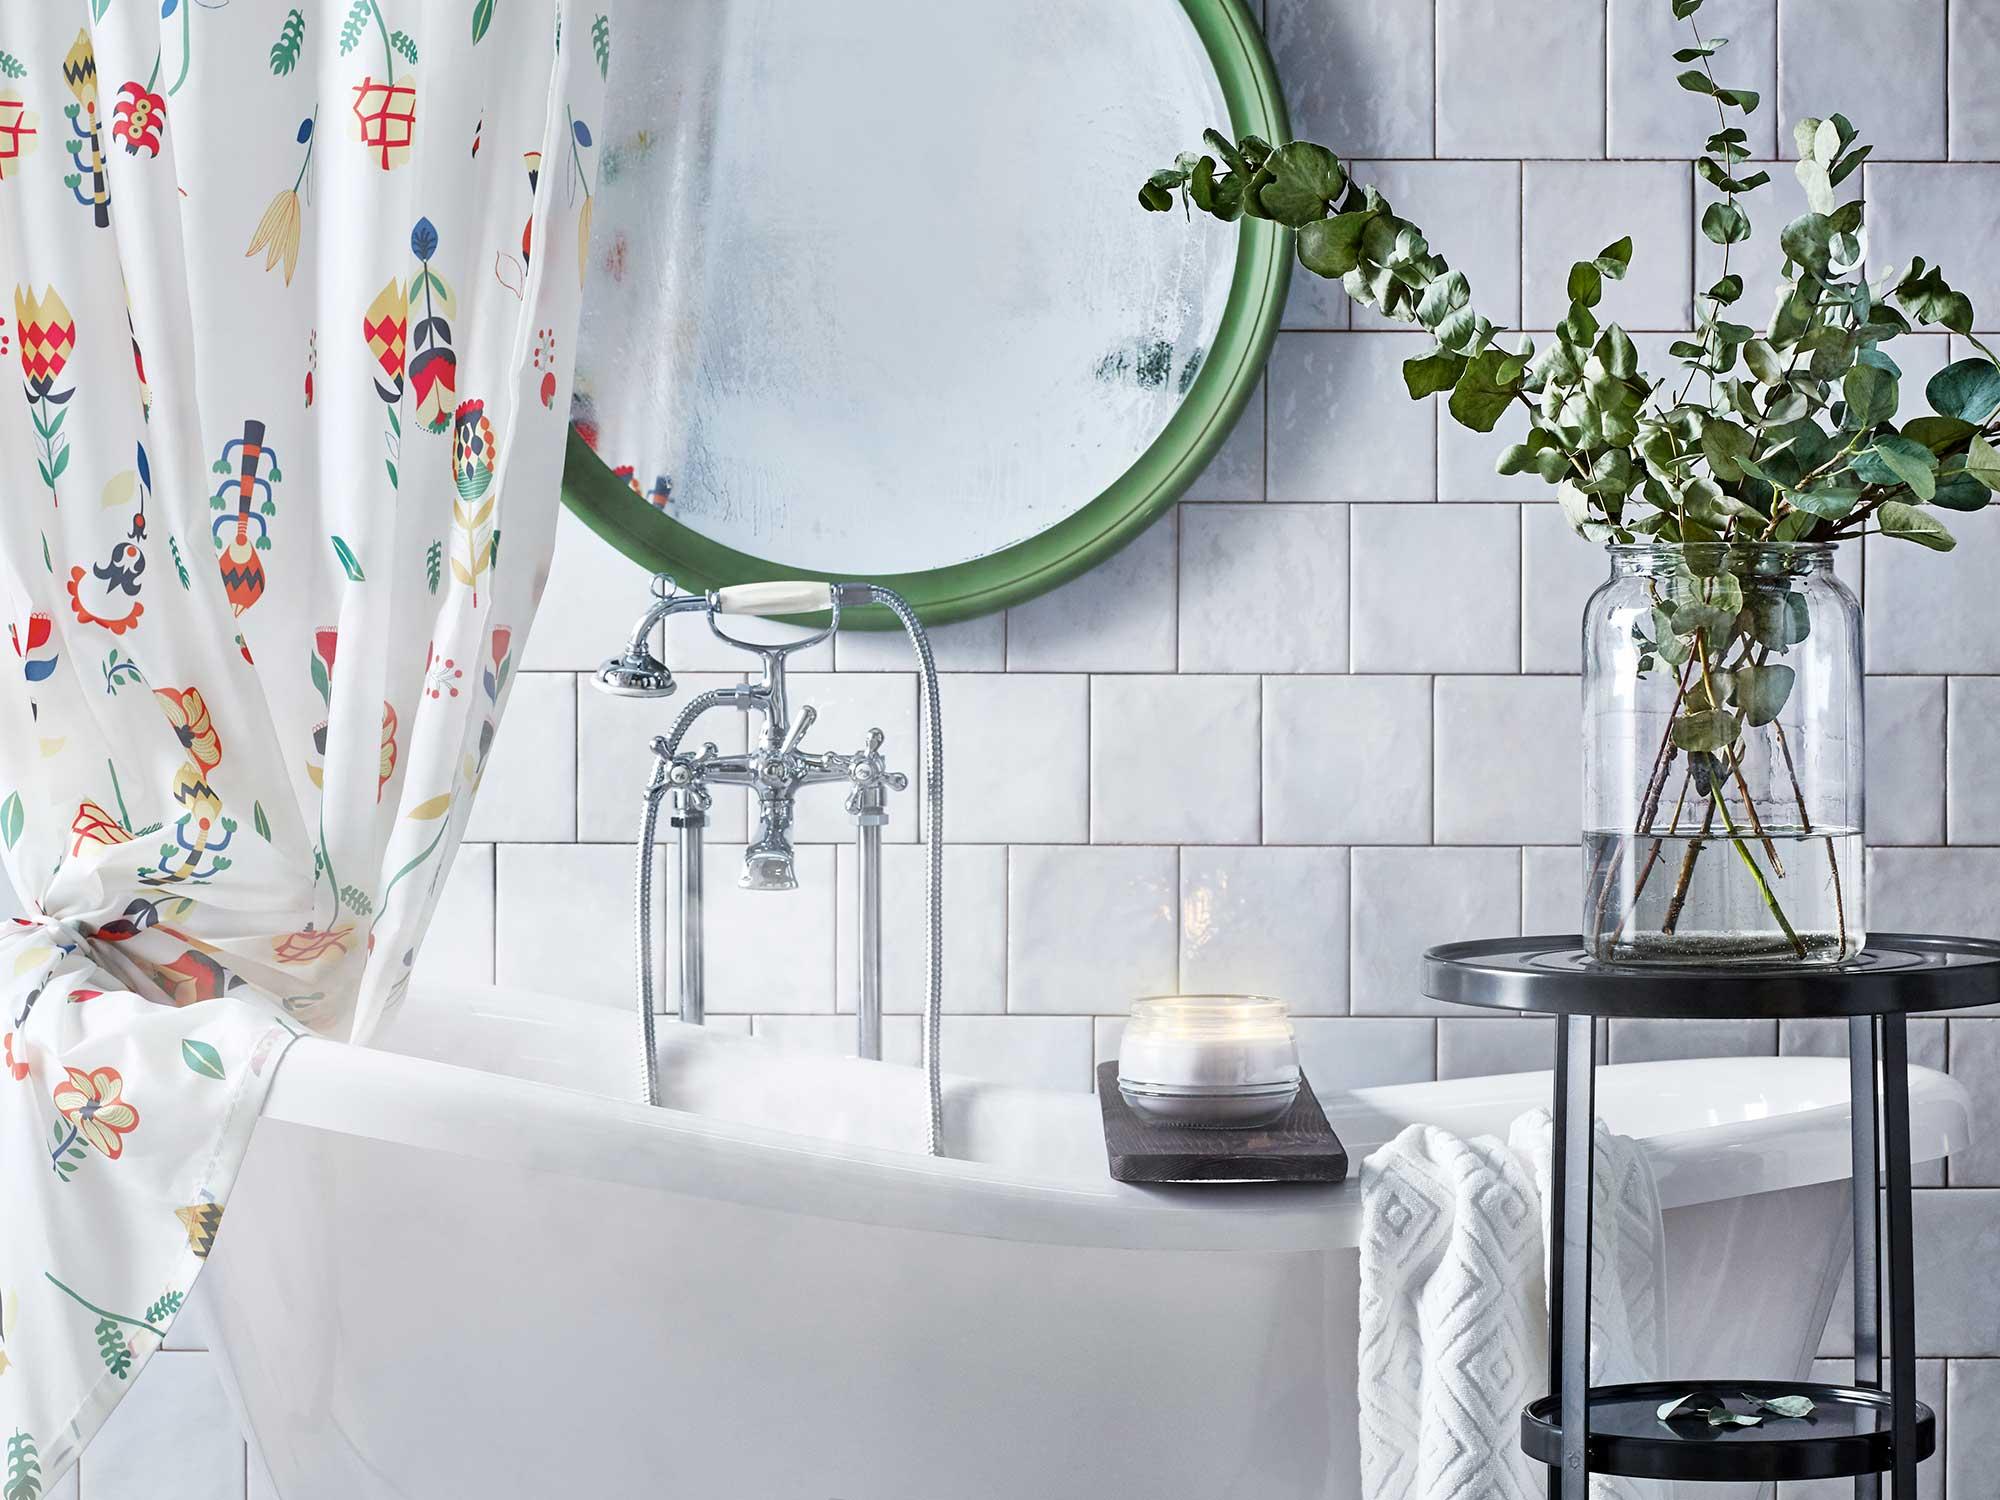 6 easy rental bathroom decorating ideas